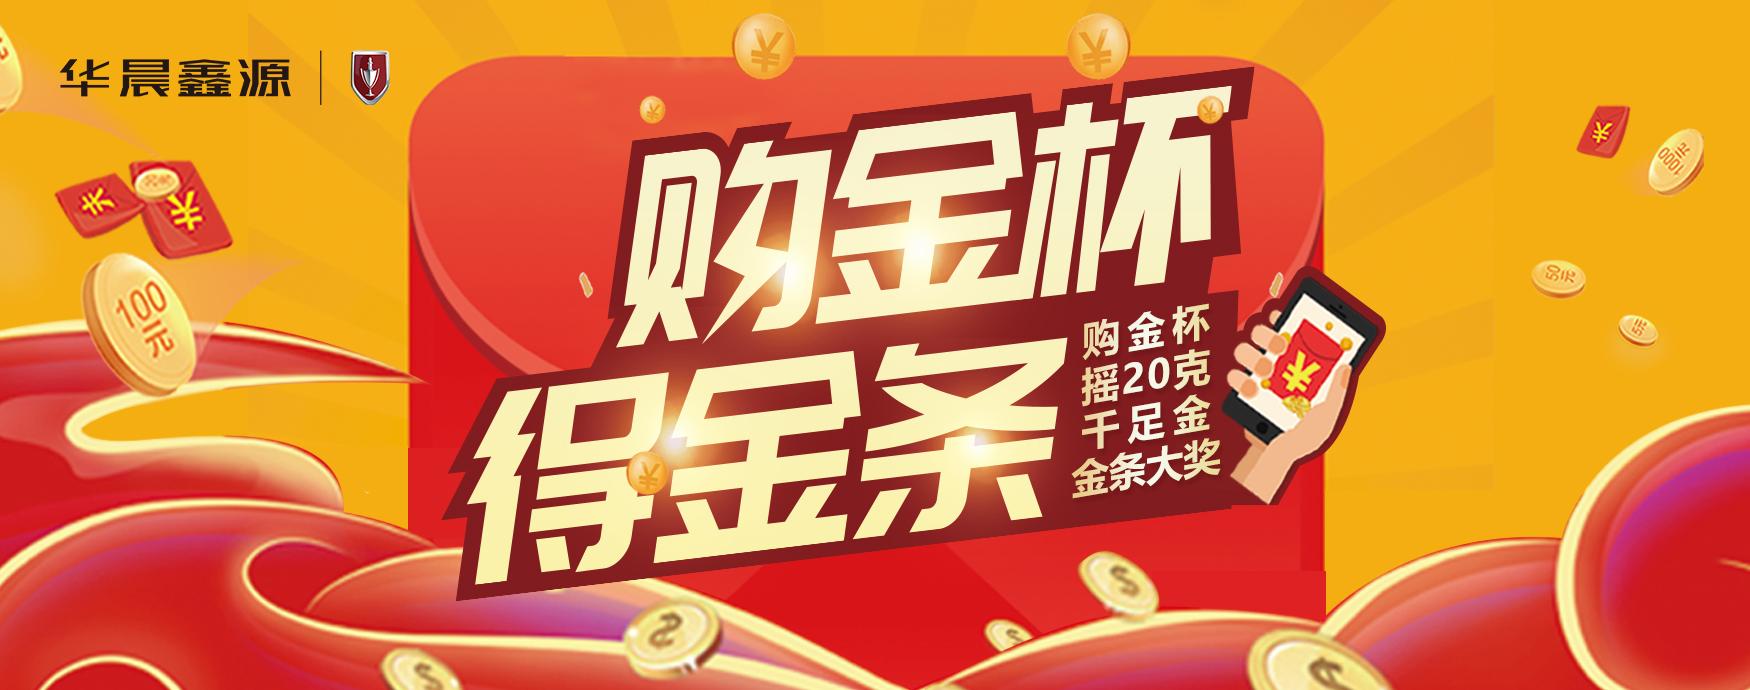 新春不打烊,服务不止步,华晨beplay体育下载安卓版金杯汽车送你幸福购车五重礼